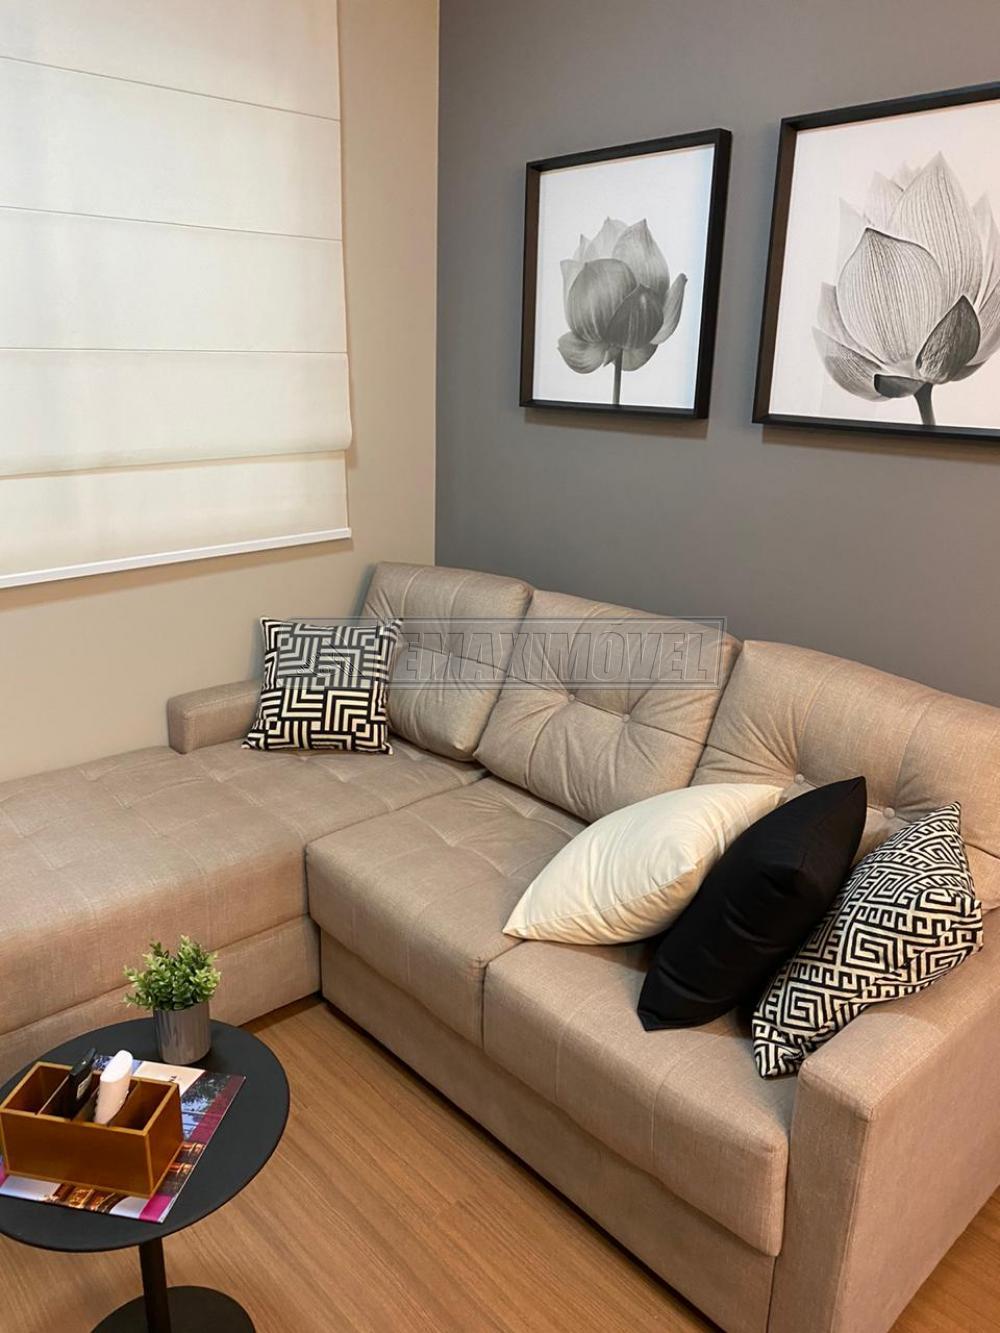 Comprar Apartamento / Padrão em Sorocaba R$ 145.900,00 - Foto 2